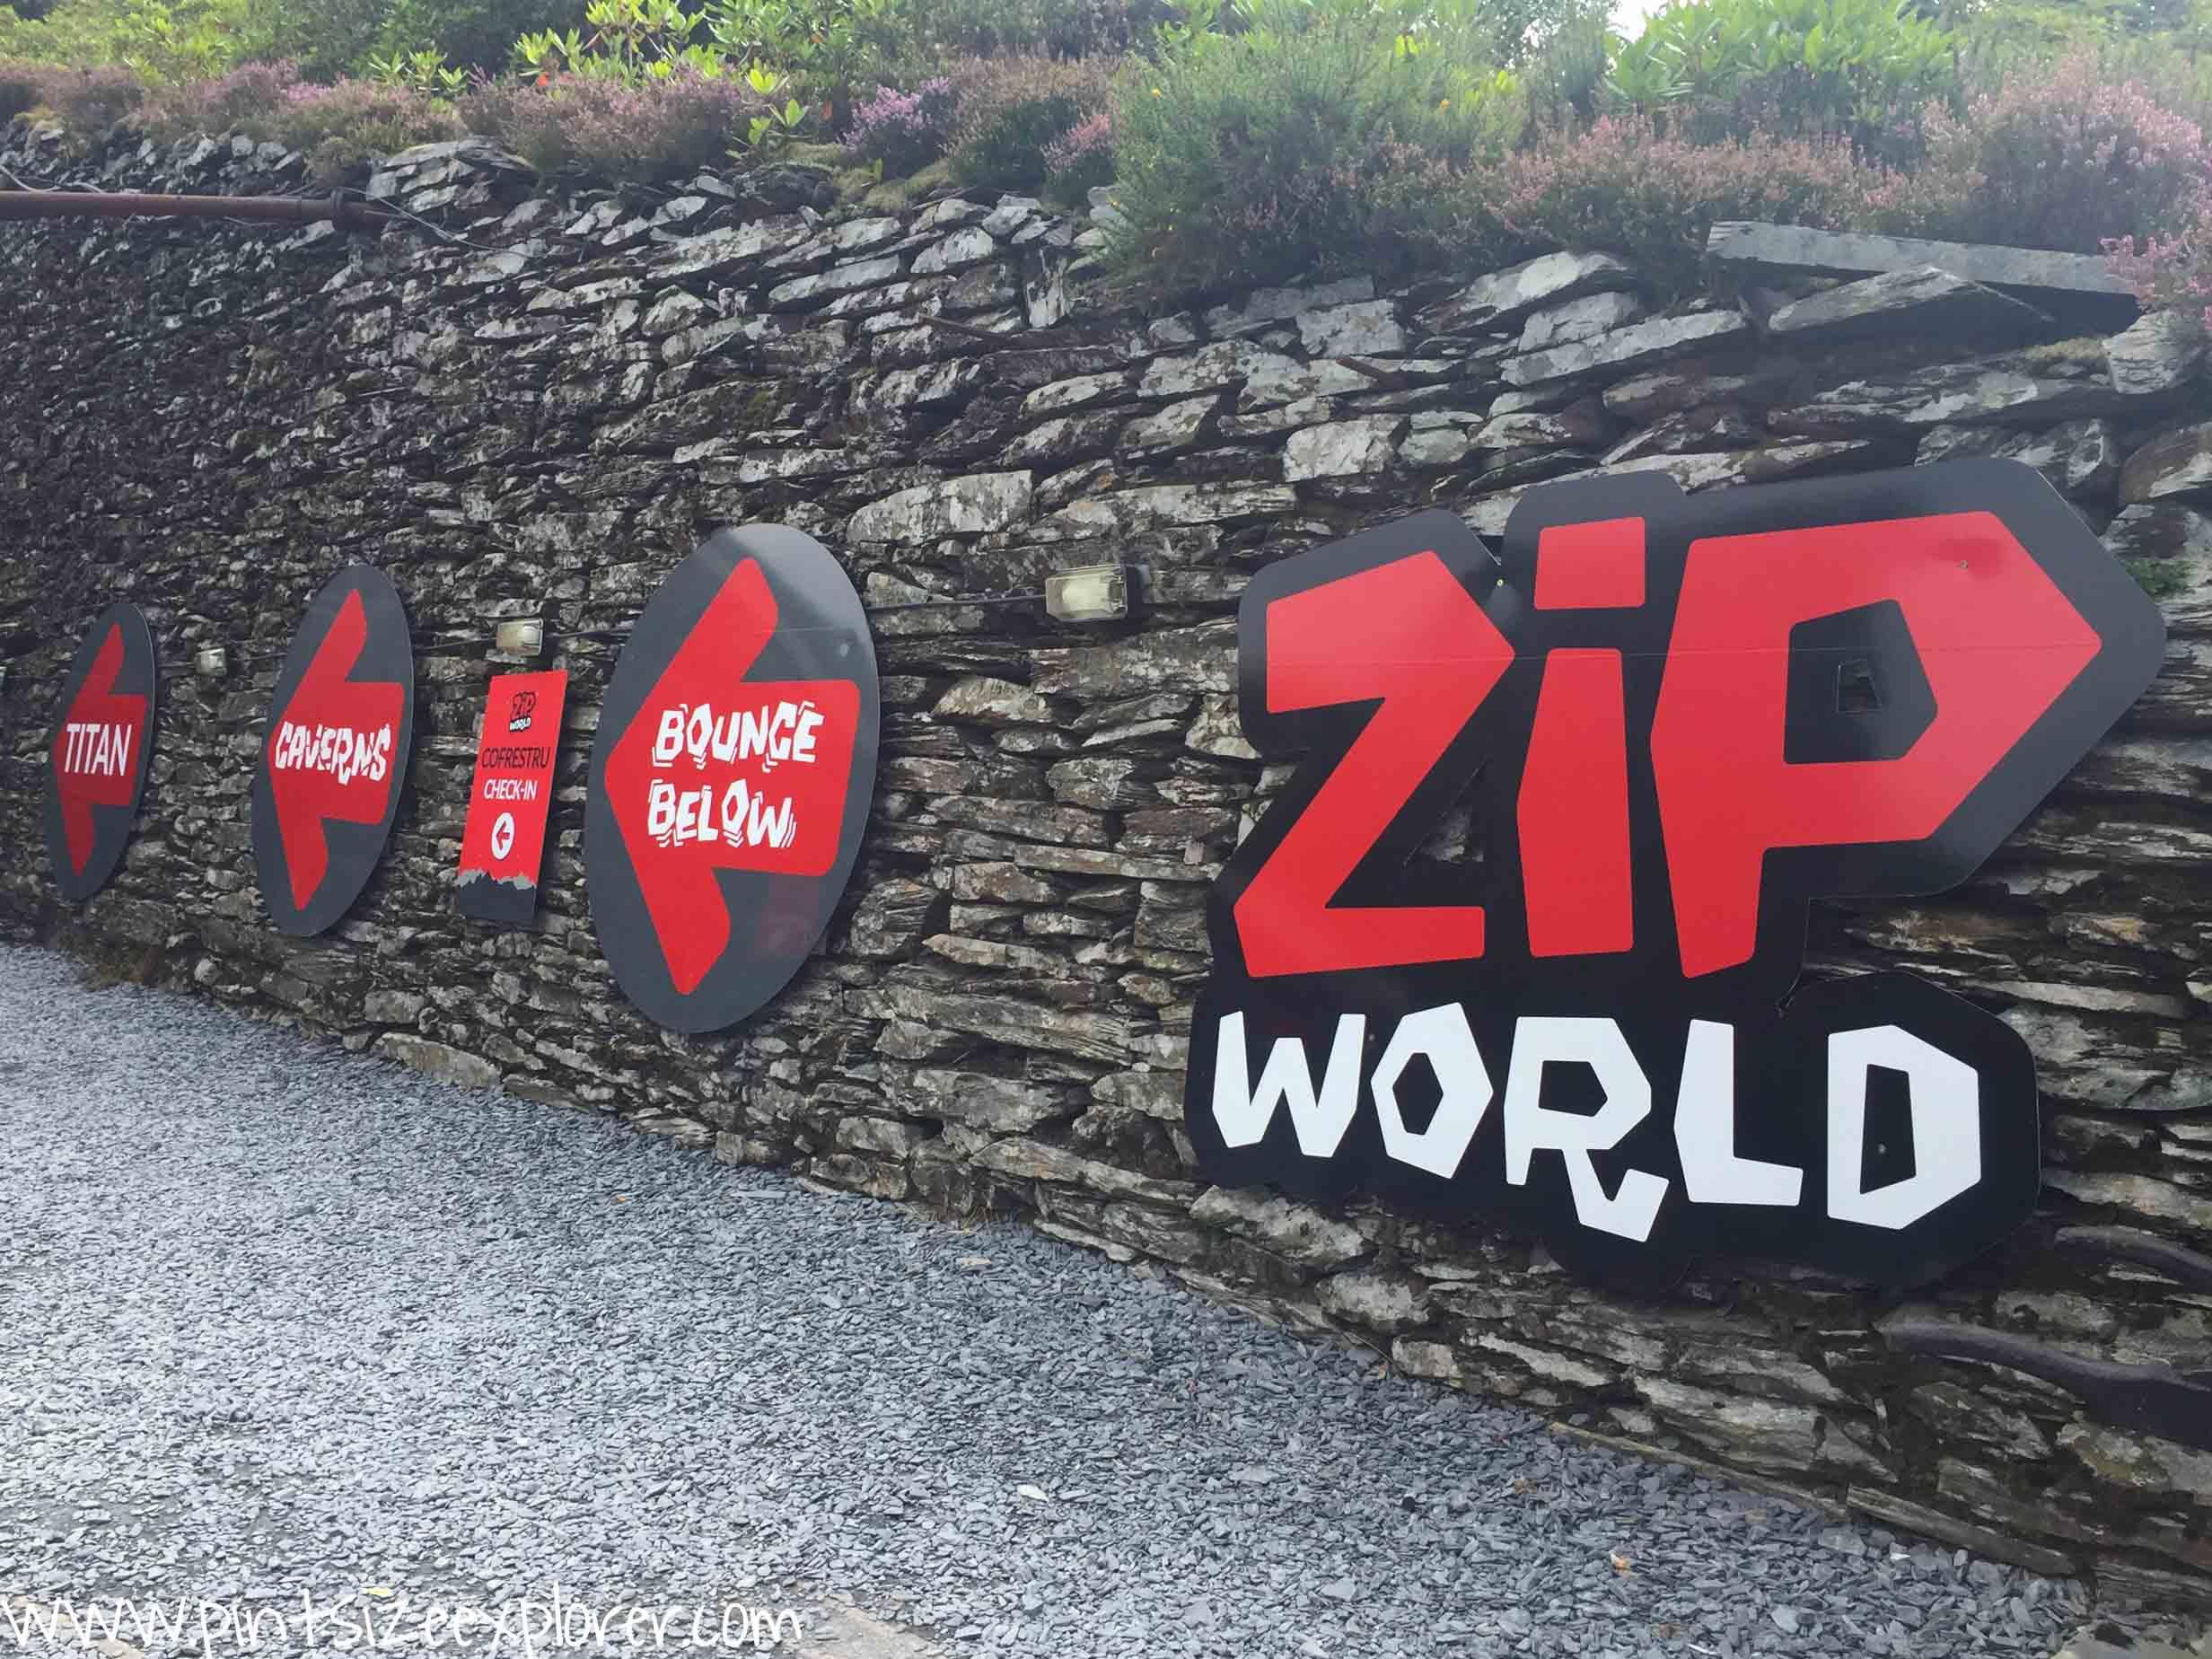 Zip World: Titan Zipline Adventure - Pintsize Explorer